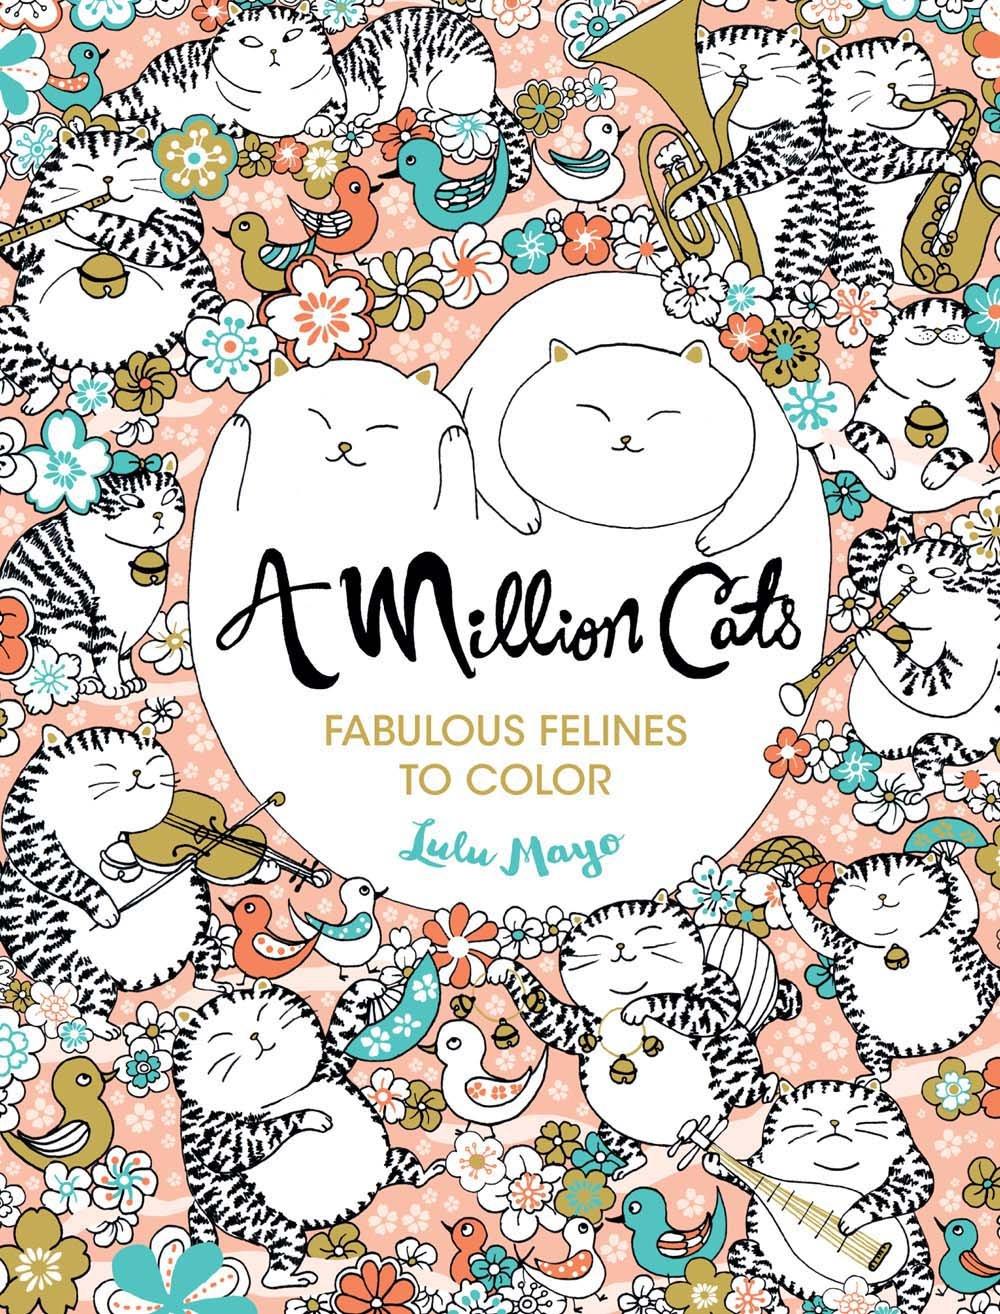 Million Cats Fabulous Felines Color product image